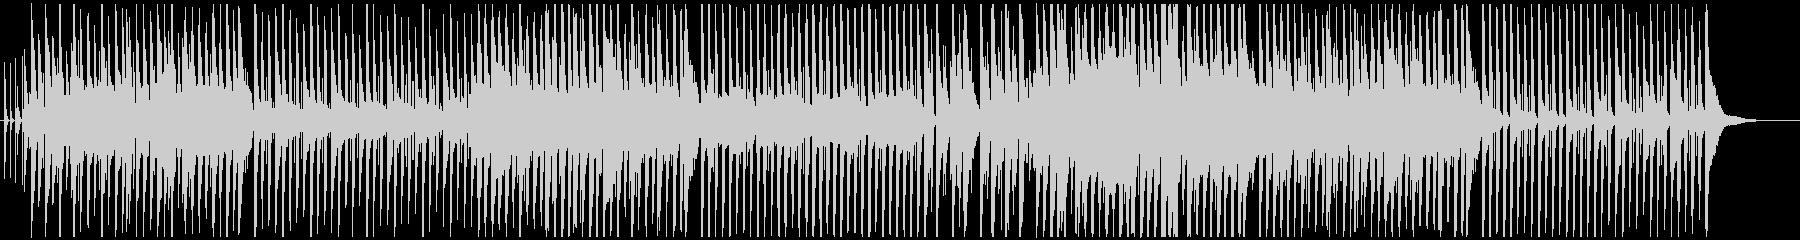 まったり-のどかなポップオーケストラ-森の未再生の波形